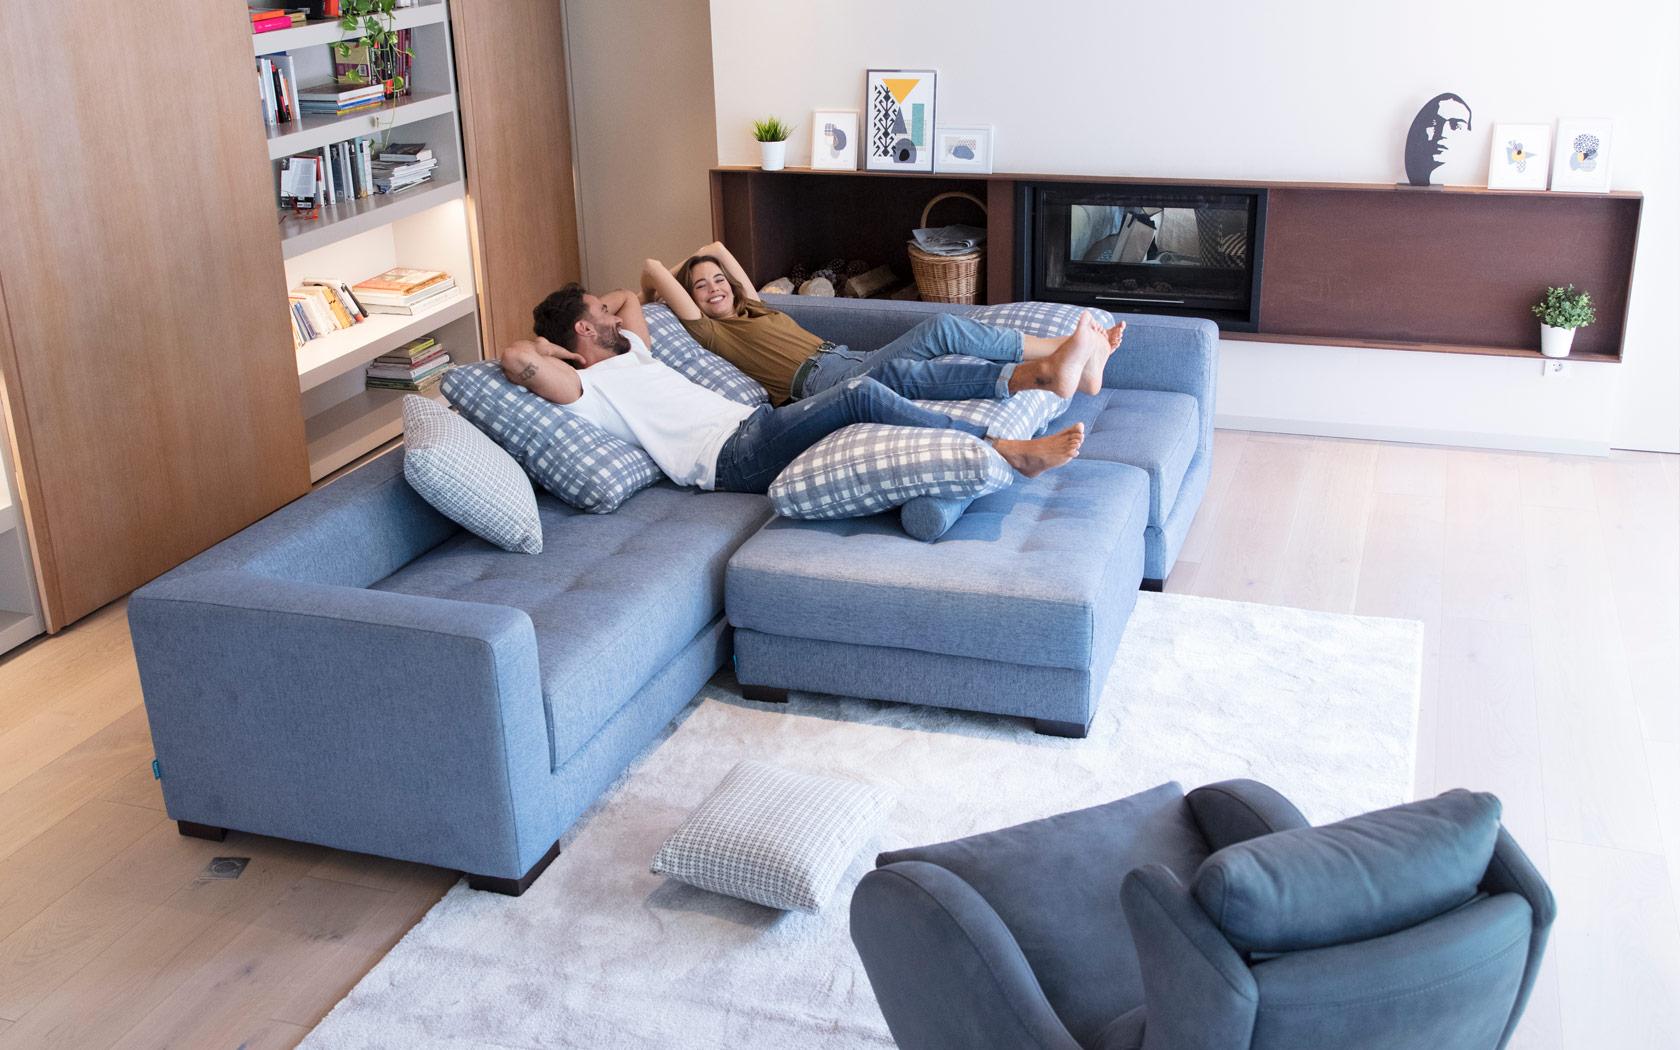 Manacor sofa Fama 2020 04